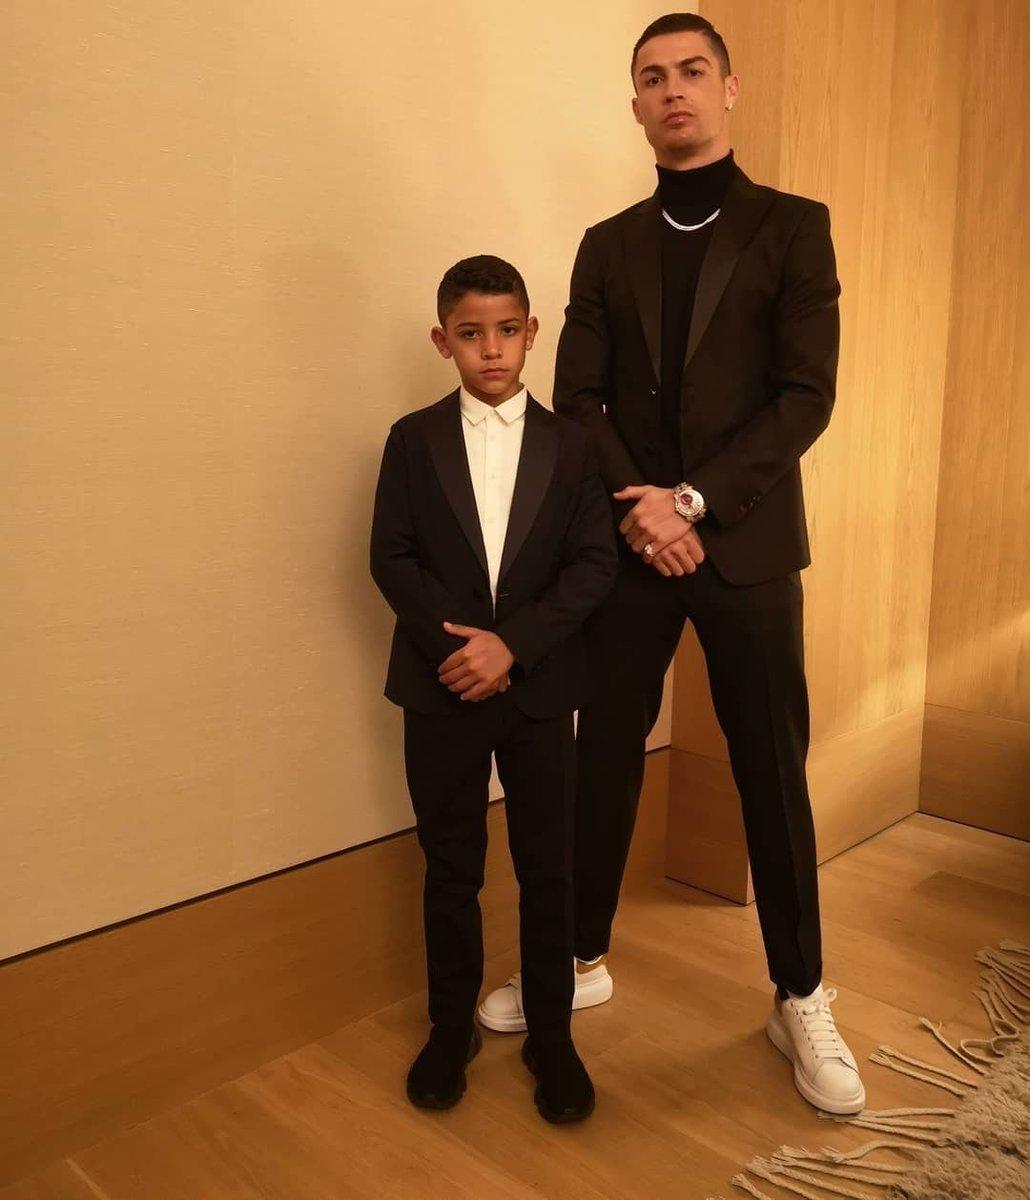 Сын Криштиану Роналду забивает гораздо больше отца. Растет суперзвезда